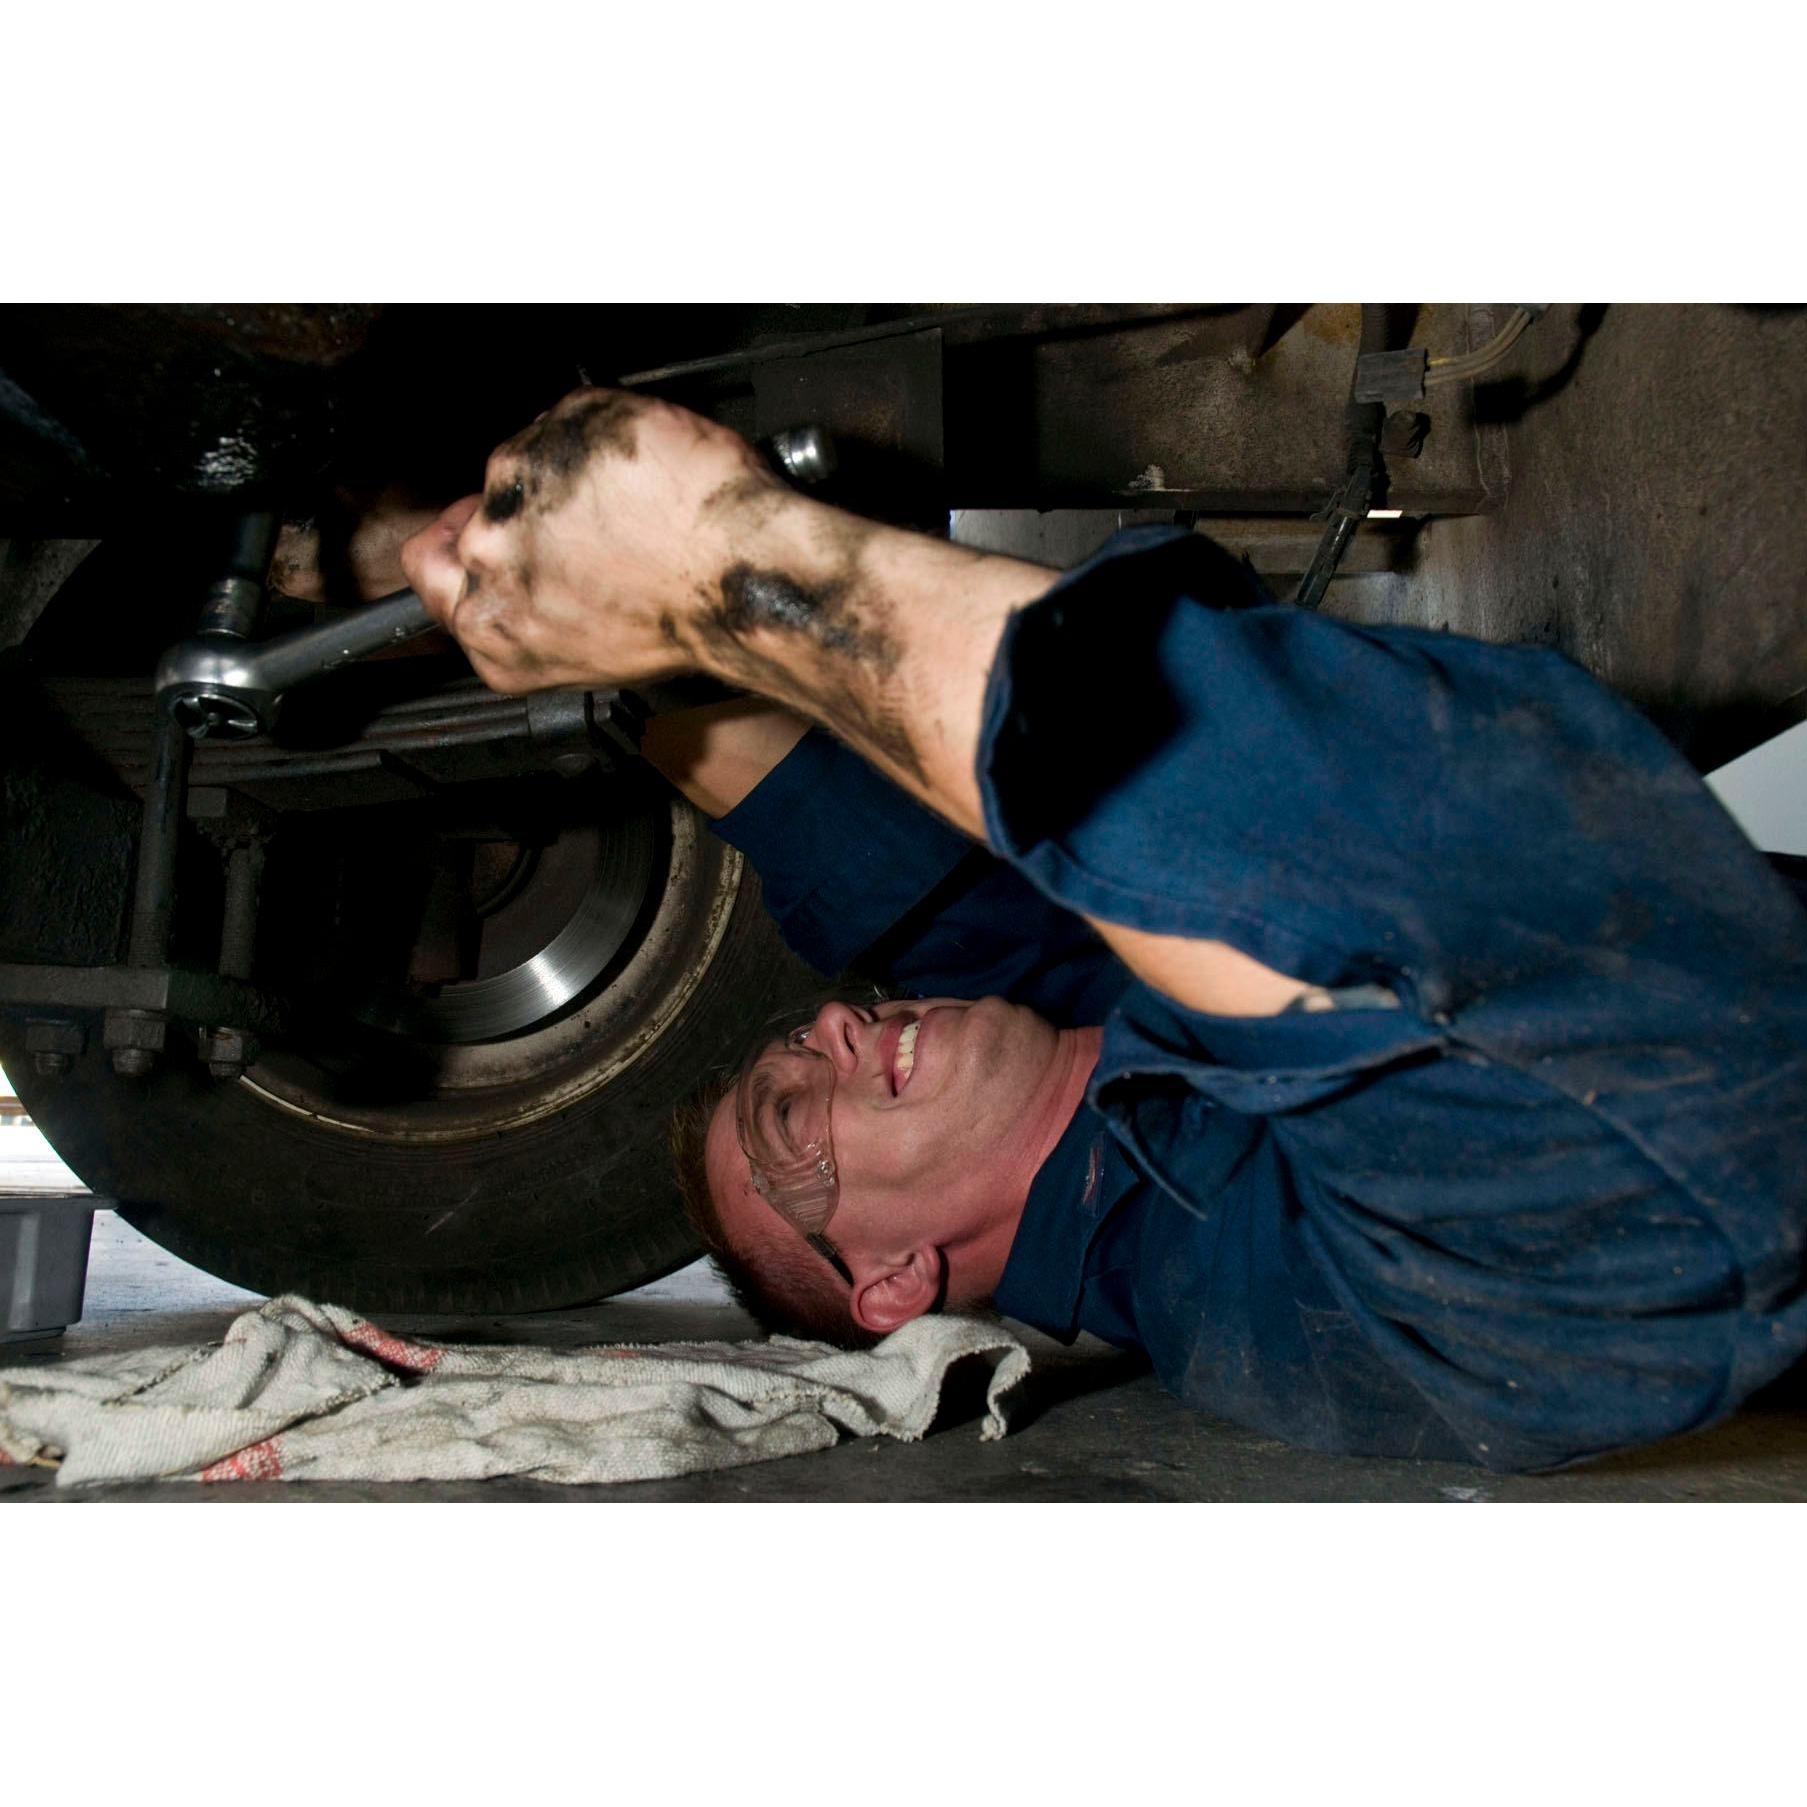 Noma's Auto Repair